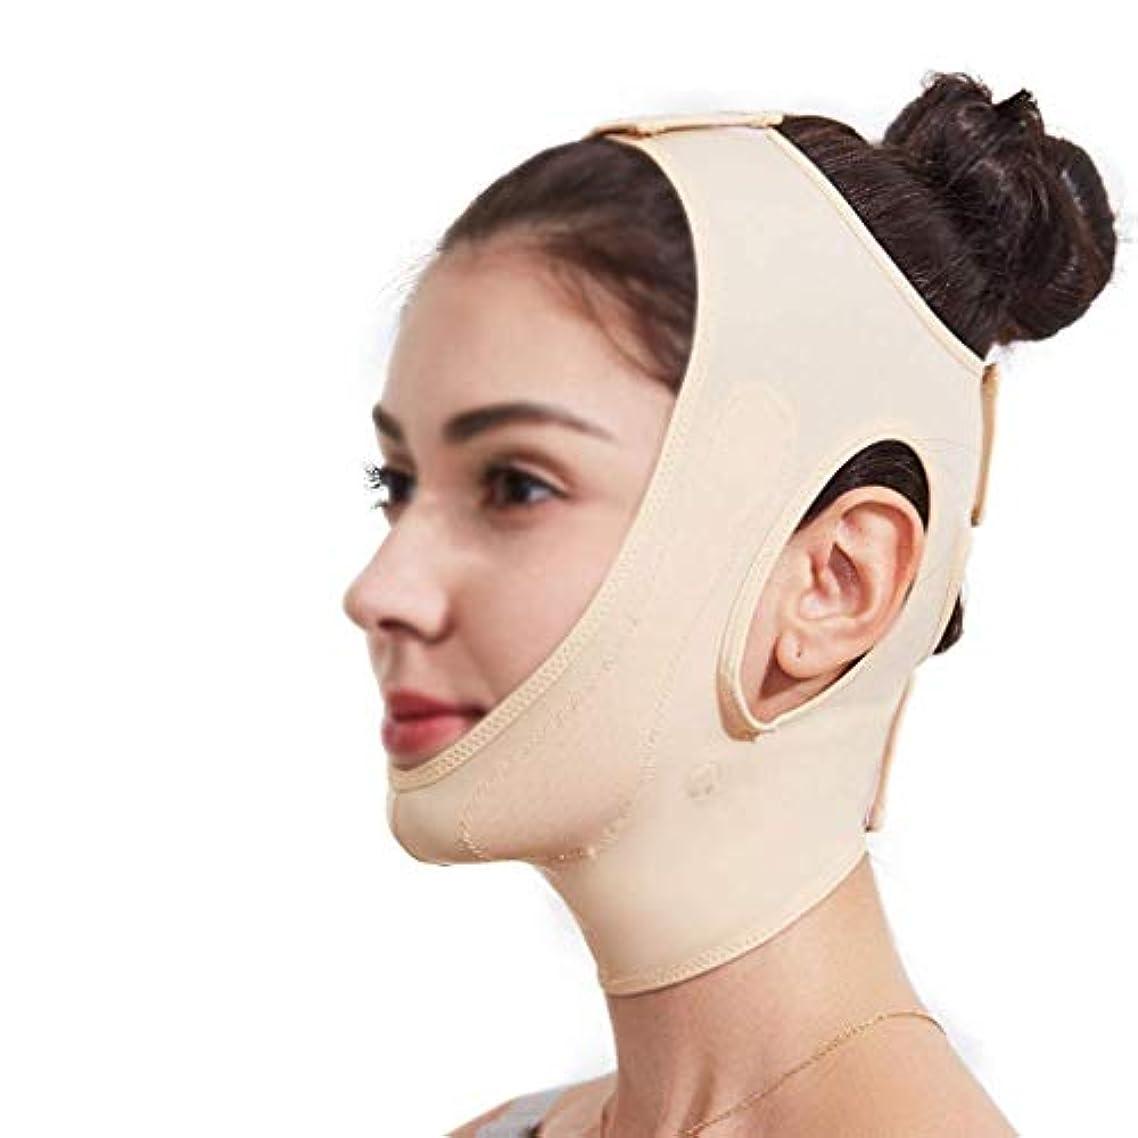 解明するメディカル予測するフェイスリフティングバンデージ、顔の頬V字型リフティングフェイスマスクしわの軽減ダブルチン快適な包帯で小さなVフェイスを作成(色:黒)